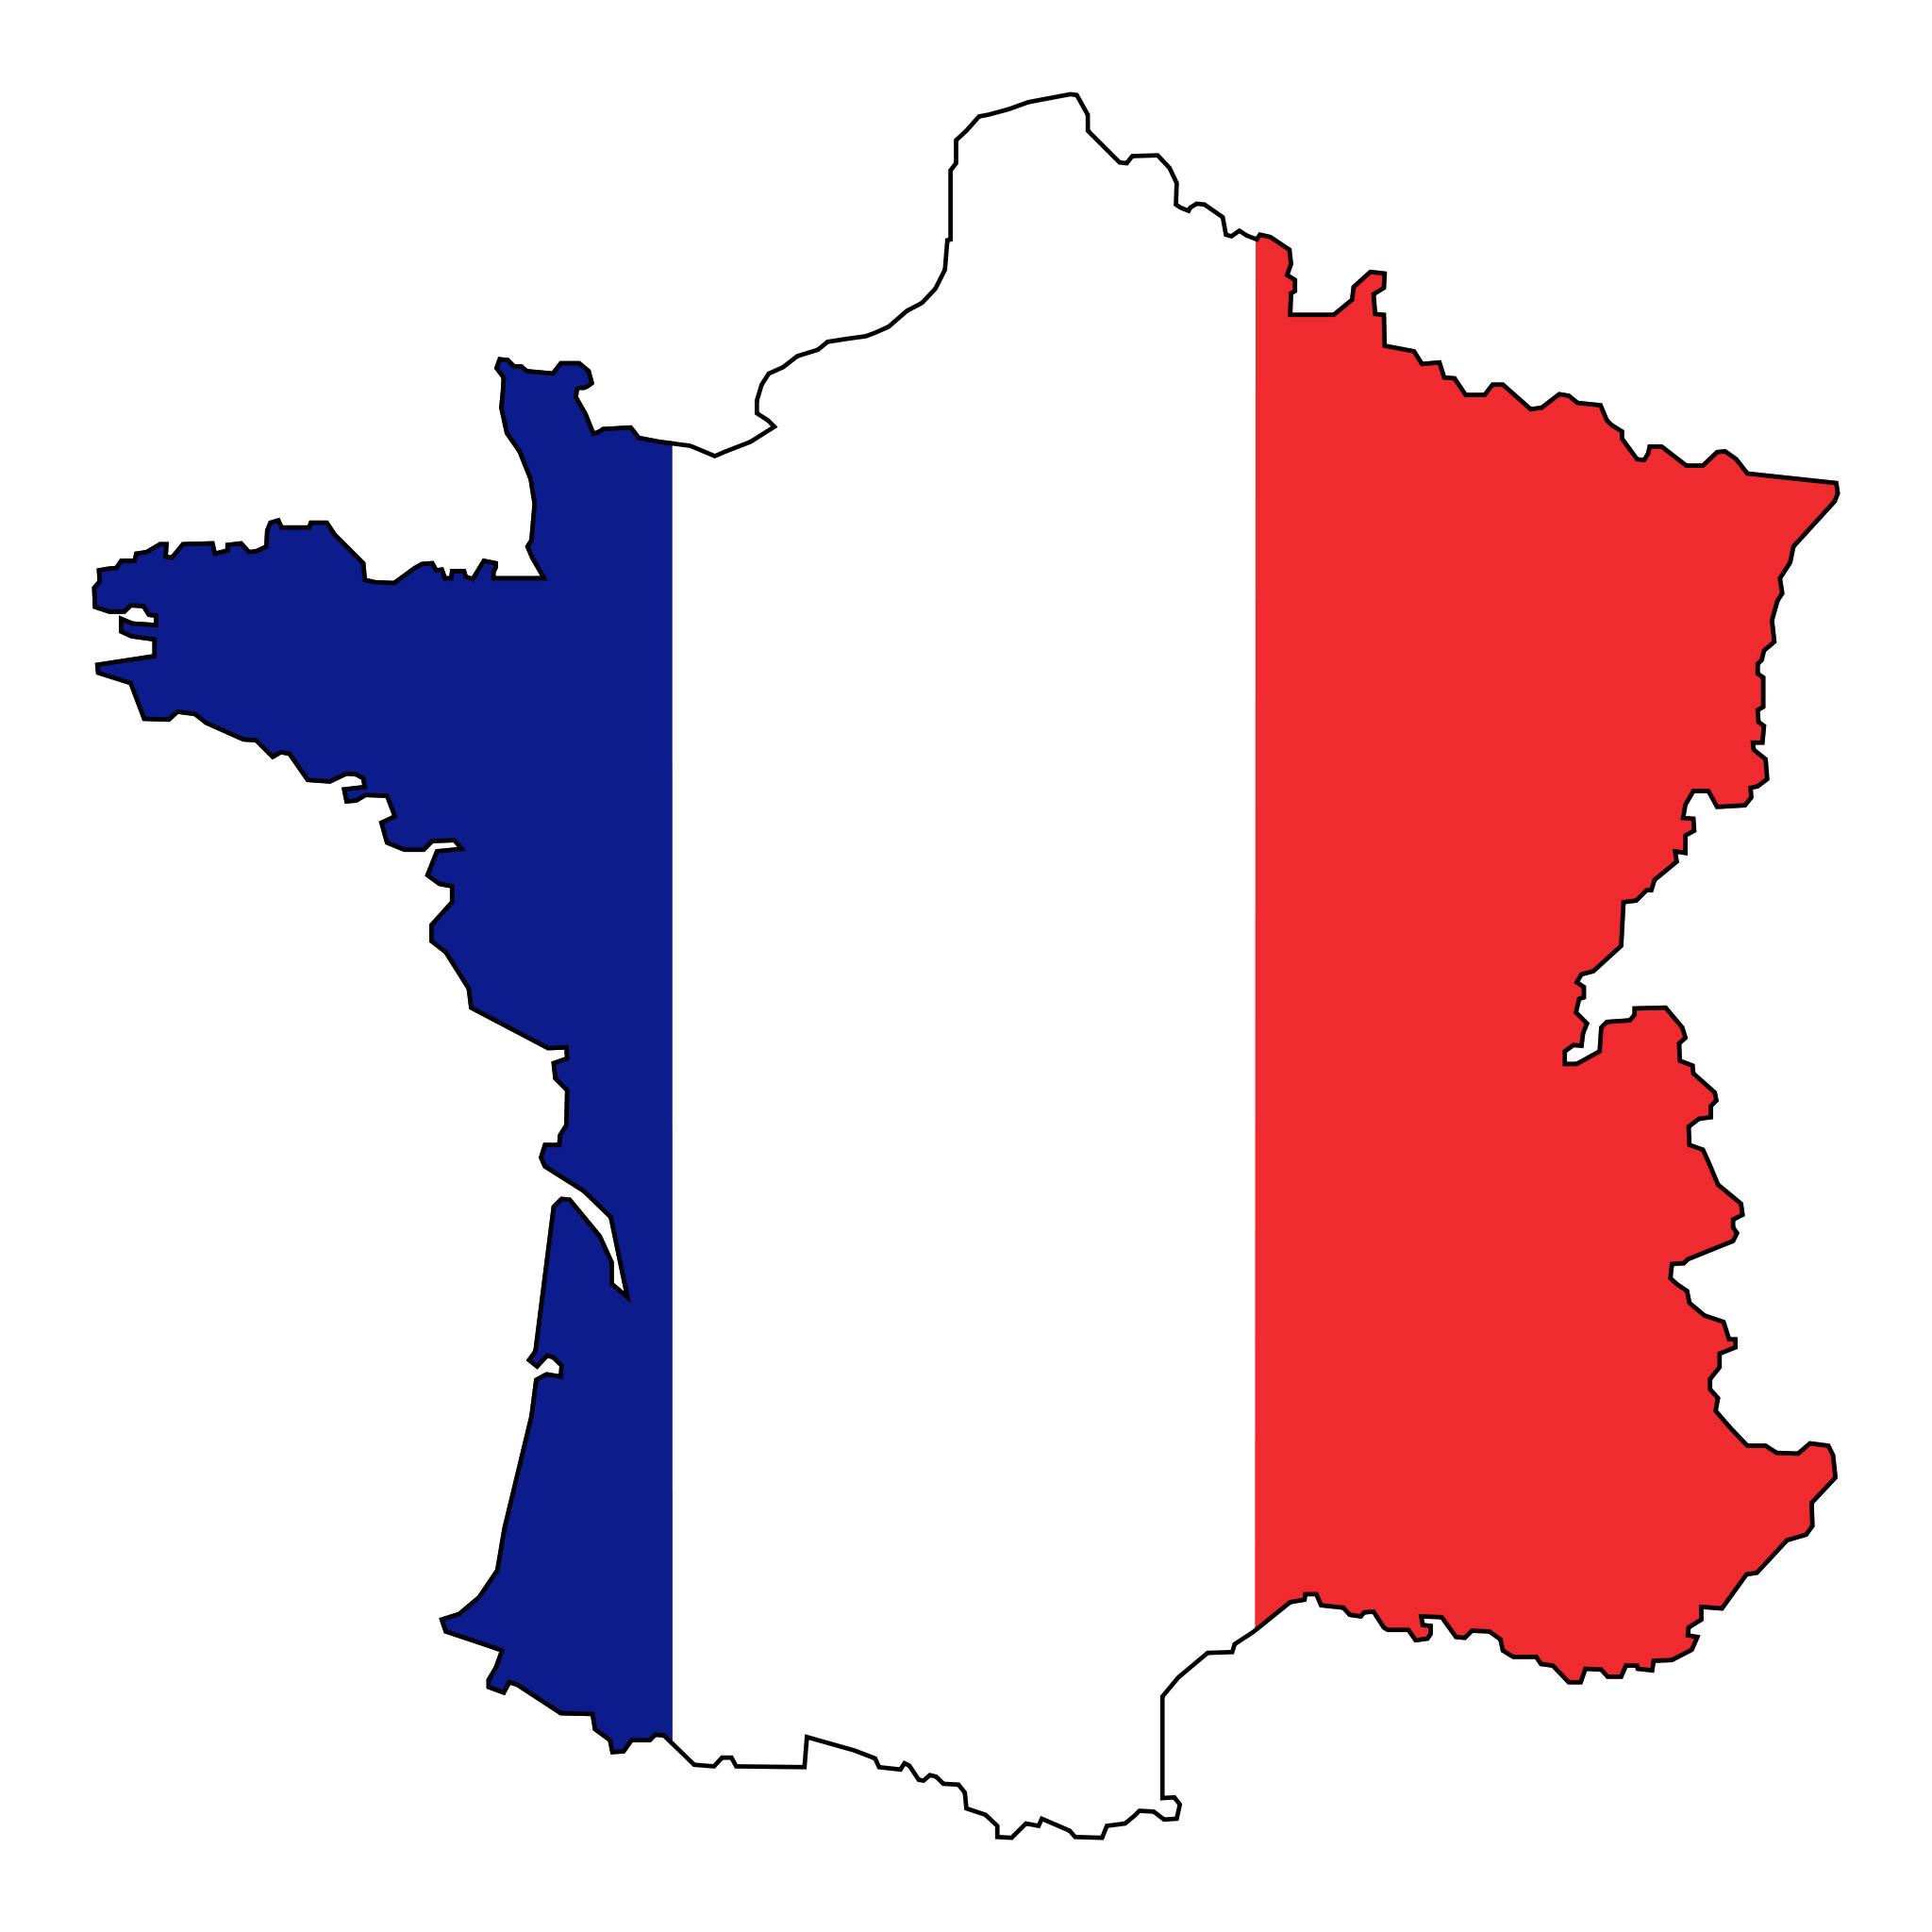 Carte De France Vierge Régions, Carte Vierge Des Régions De tout Carte Ile De France Vierge